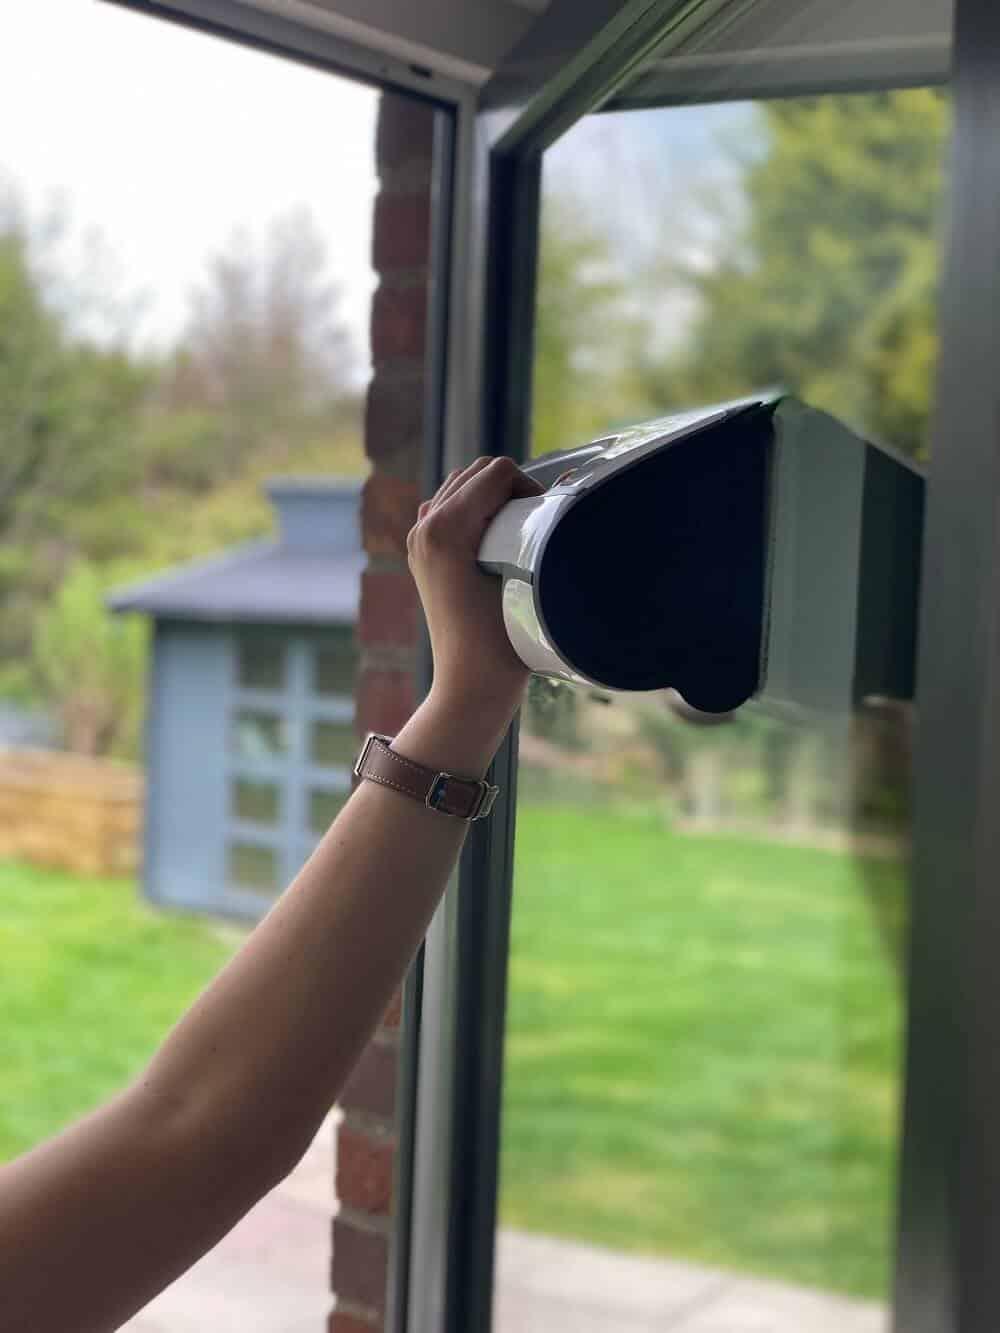 Mit dem Fenstersauger von Vorwerk macht das Fenster putzen richtig spaß